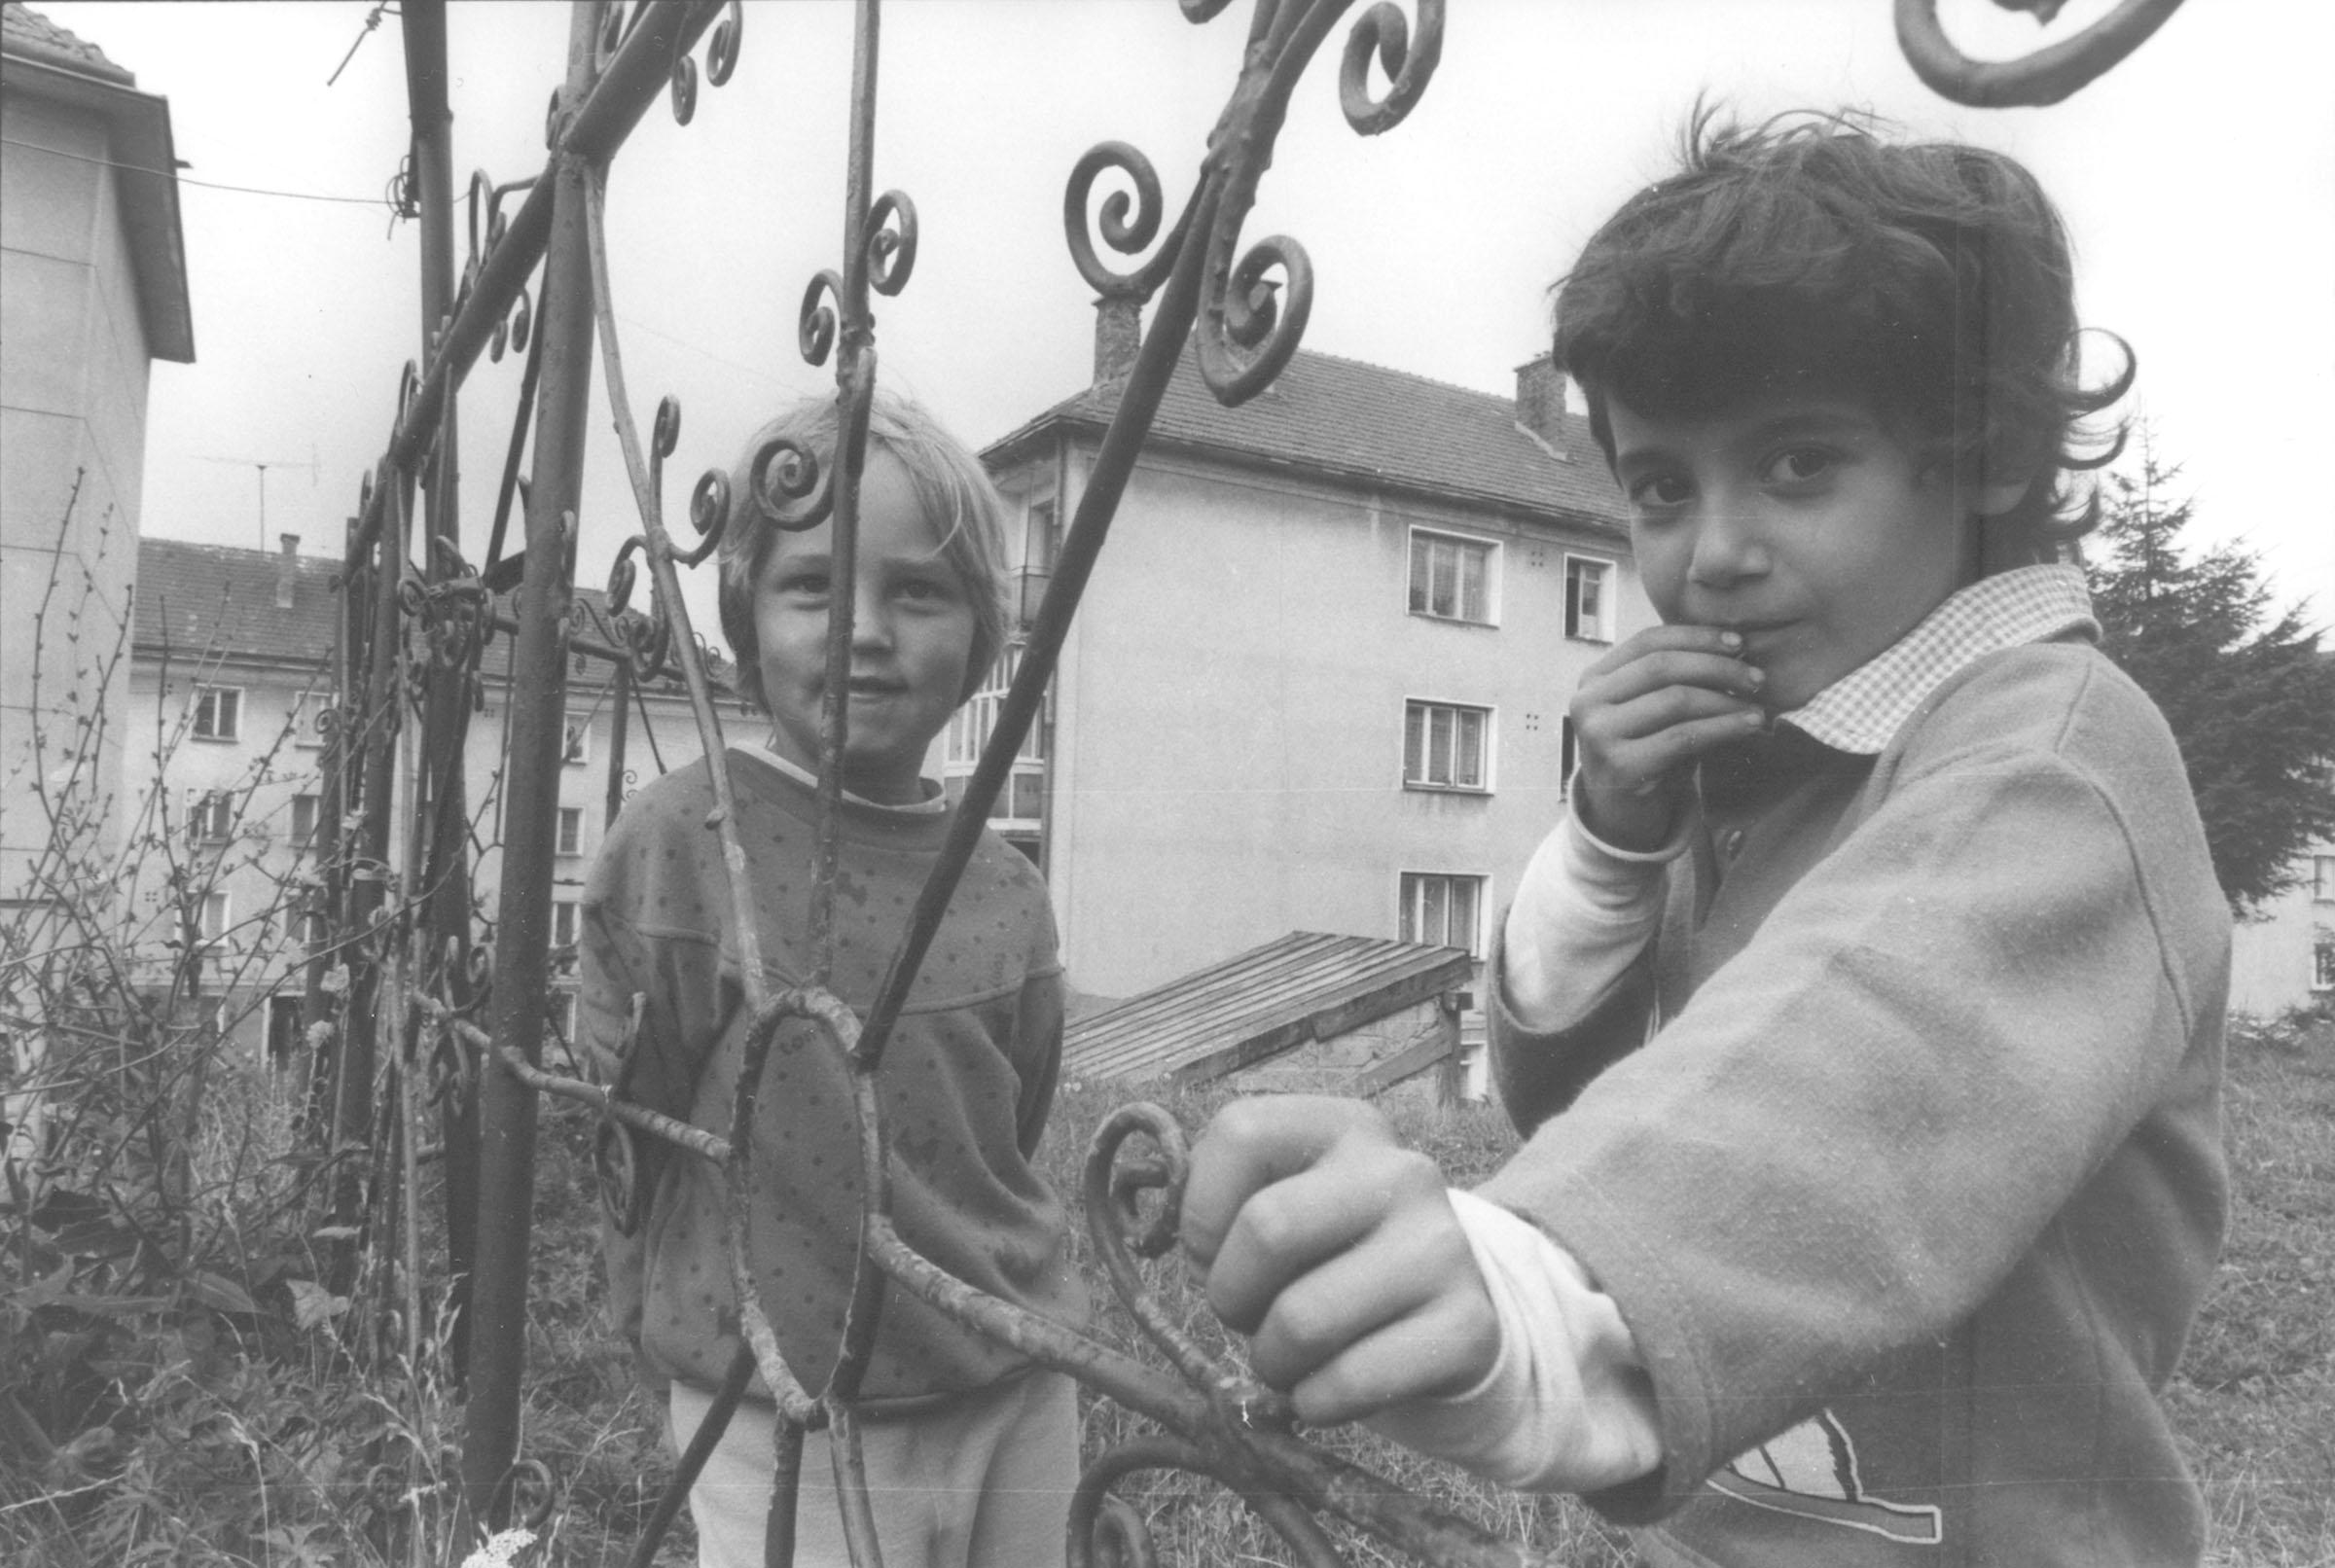 2004.09.18. Hétköznapok fotópályázat - Wéber Krisztina - Szentkeresztbánya 2004.jpg